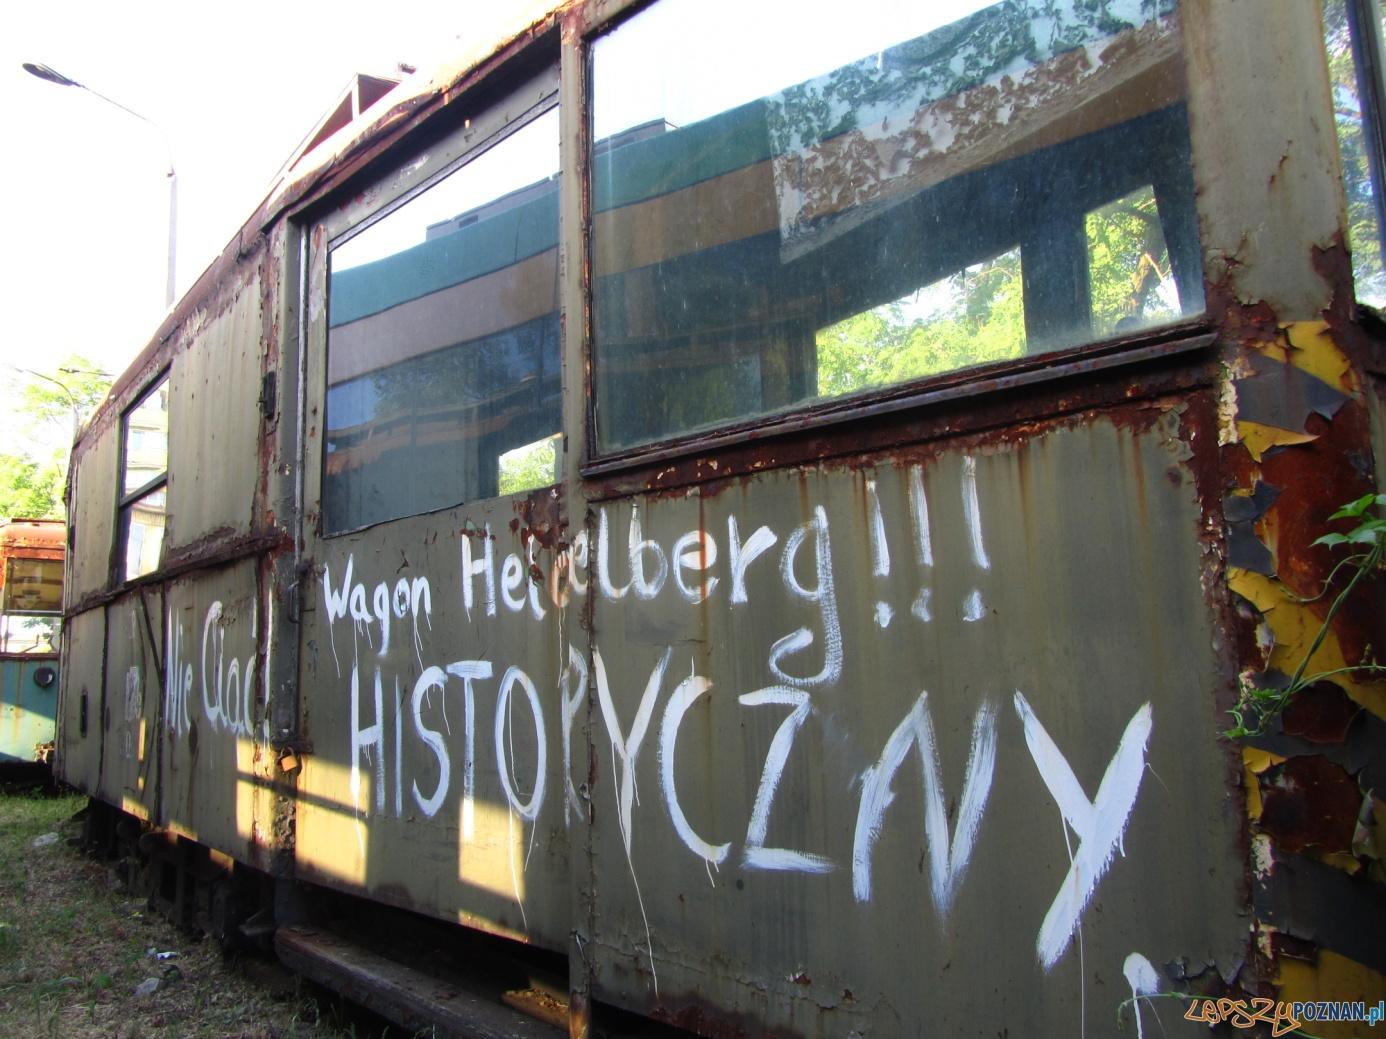 Historyczny wagon tramwajowy  Foto: Błażej Brzycki / KMPS